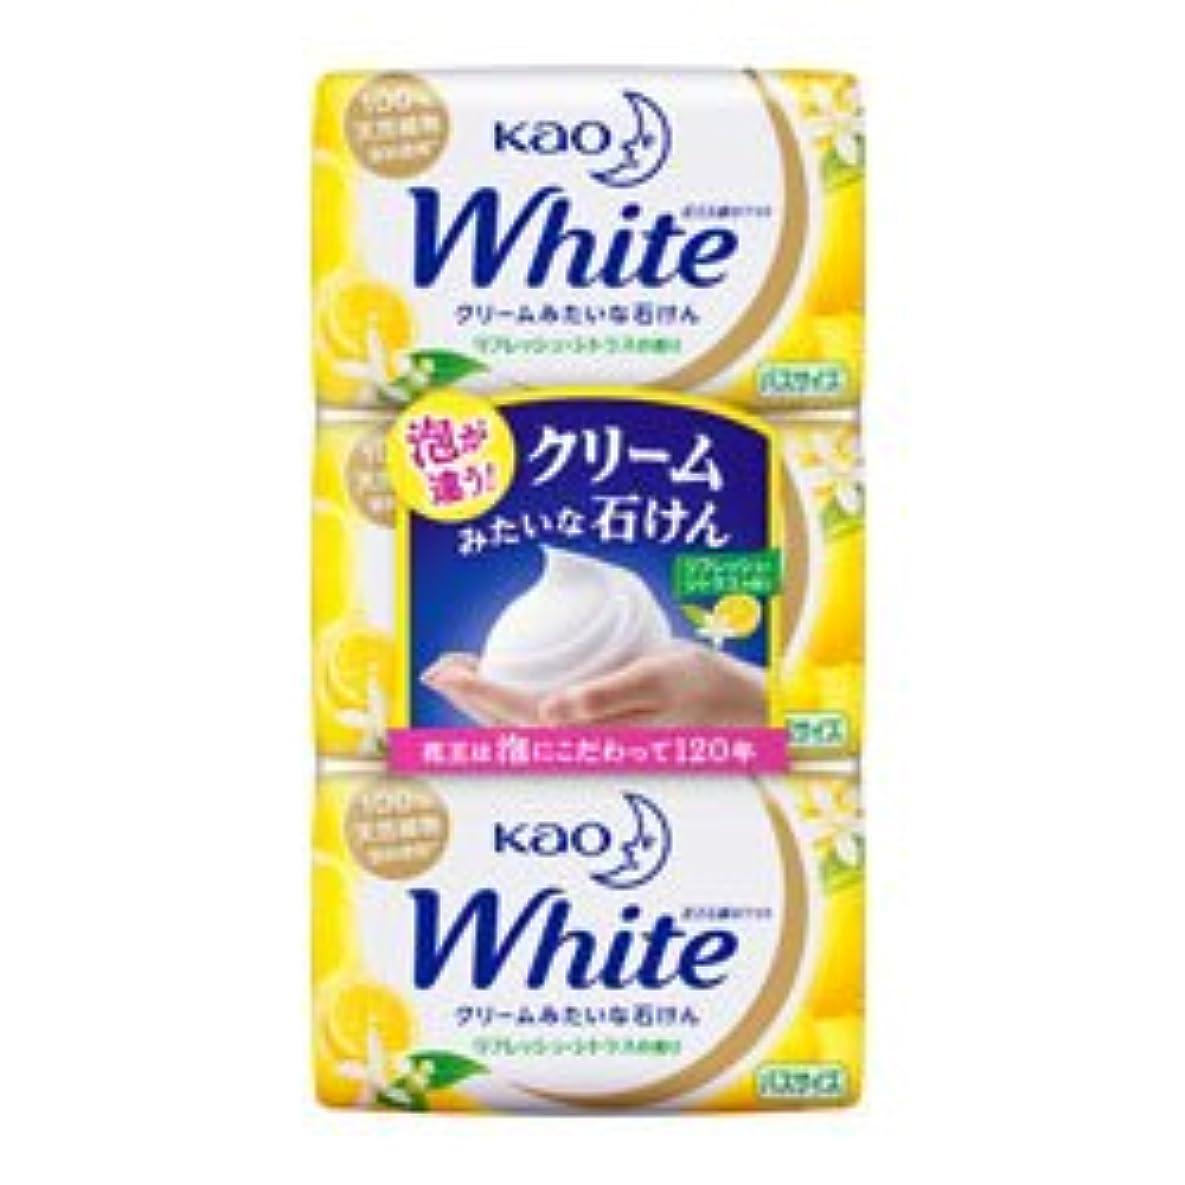 トリッキー降伏柔らかい足【花王】ホワイト リフレッシュ?シトラスの香り バスサイズ 130g×3個入 ×20個セット